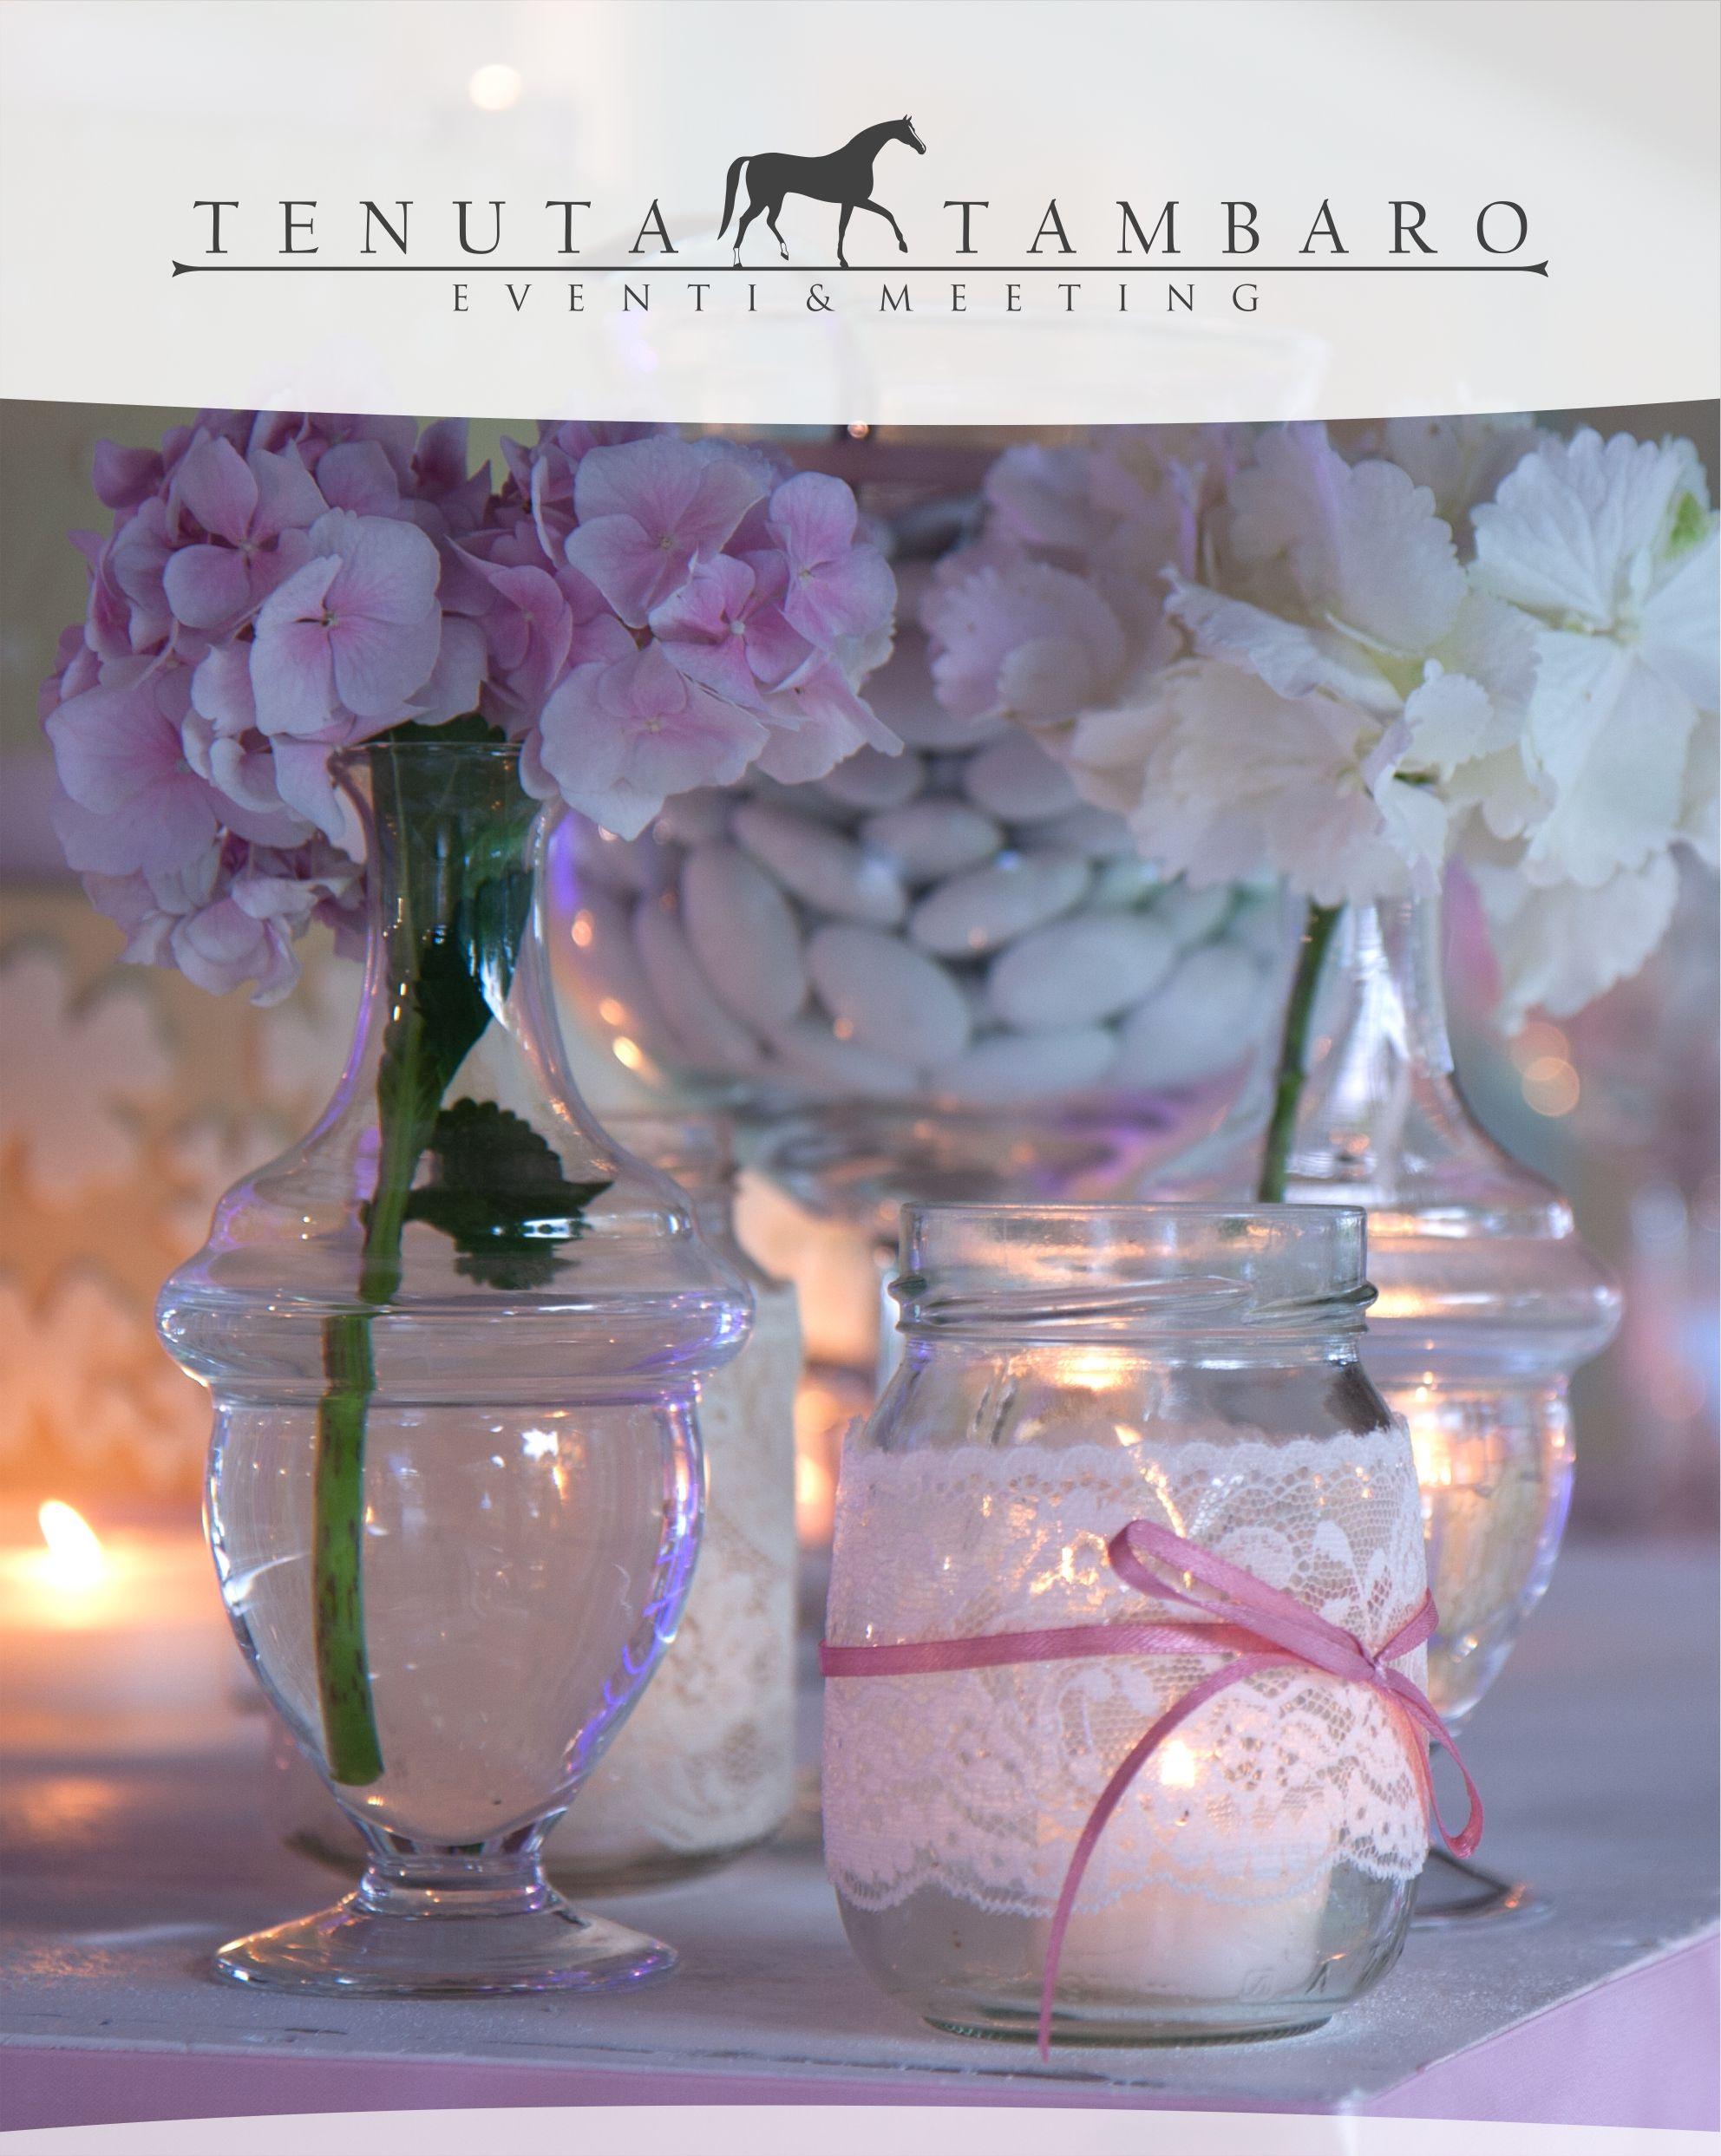 Decorazione - Vasetti decorativi con fiori e porta confetti, piccoli dettagli che fanno grande un evento!